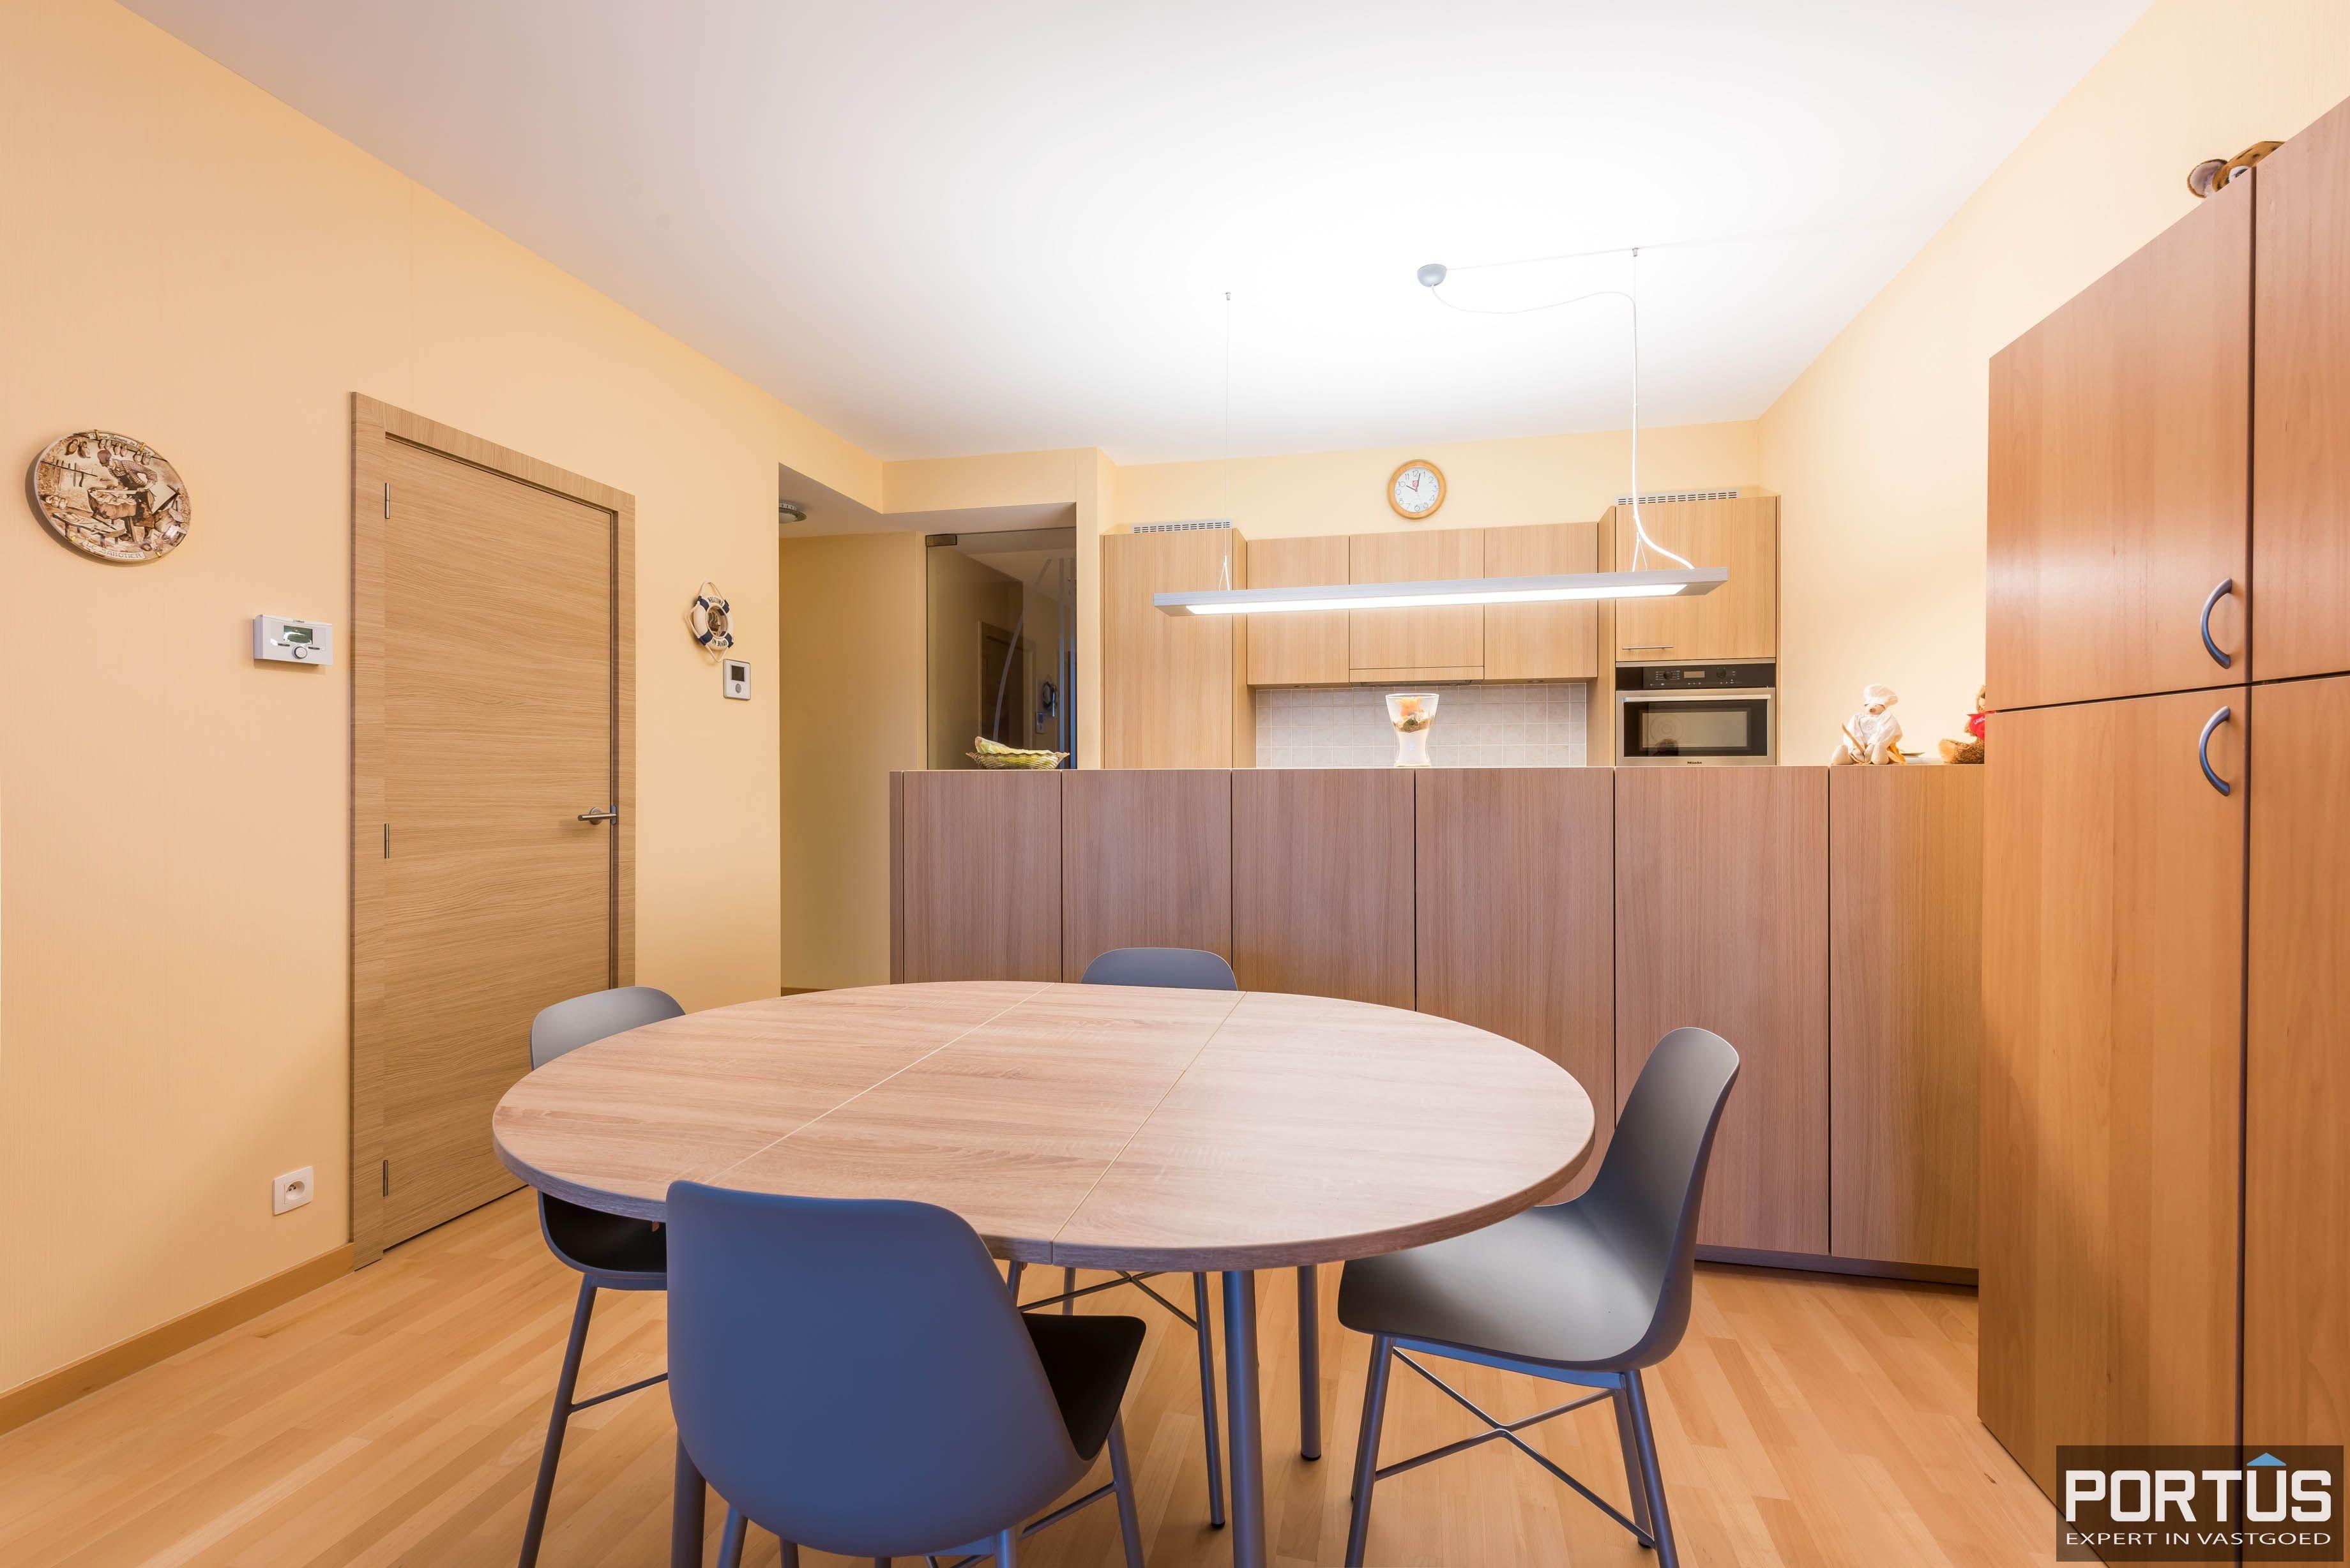 Appartement met 2 slaapkamers te koop Nieuwpoort - 5547